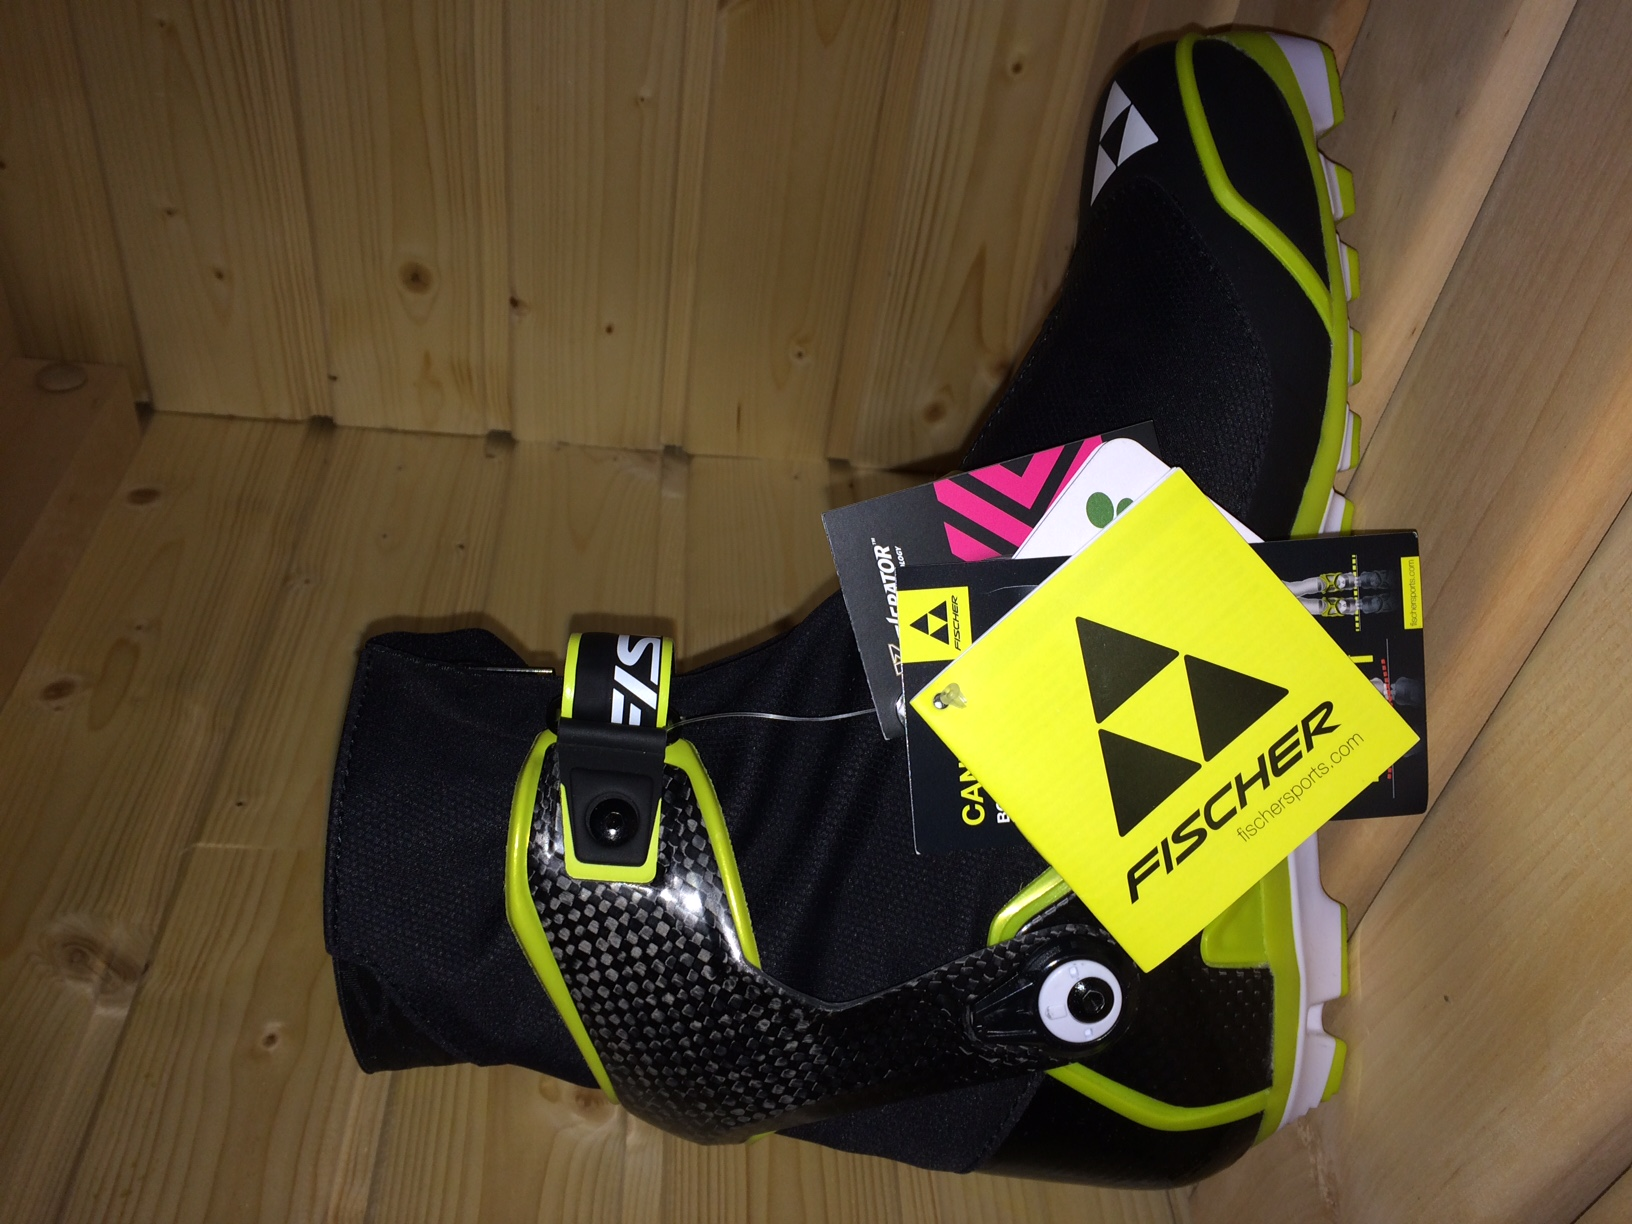 Nové závodní běžecké boty 14 15 Fischer SKATE vel. - Bazar - Běžky.net ba98f0d3aa